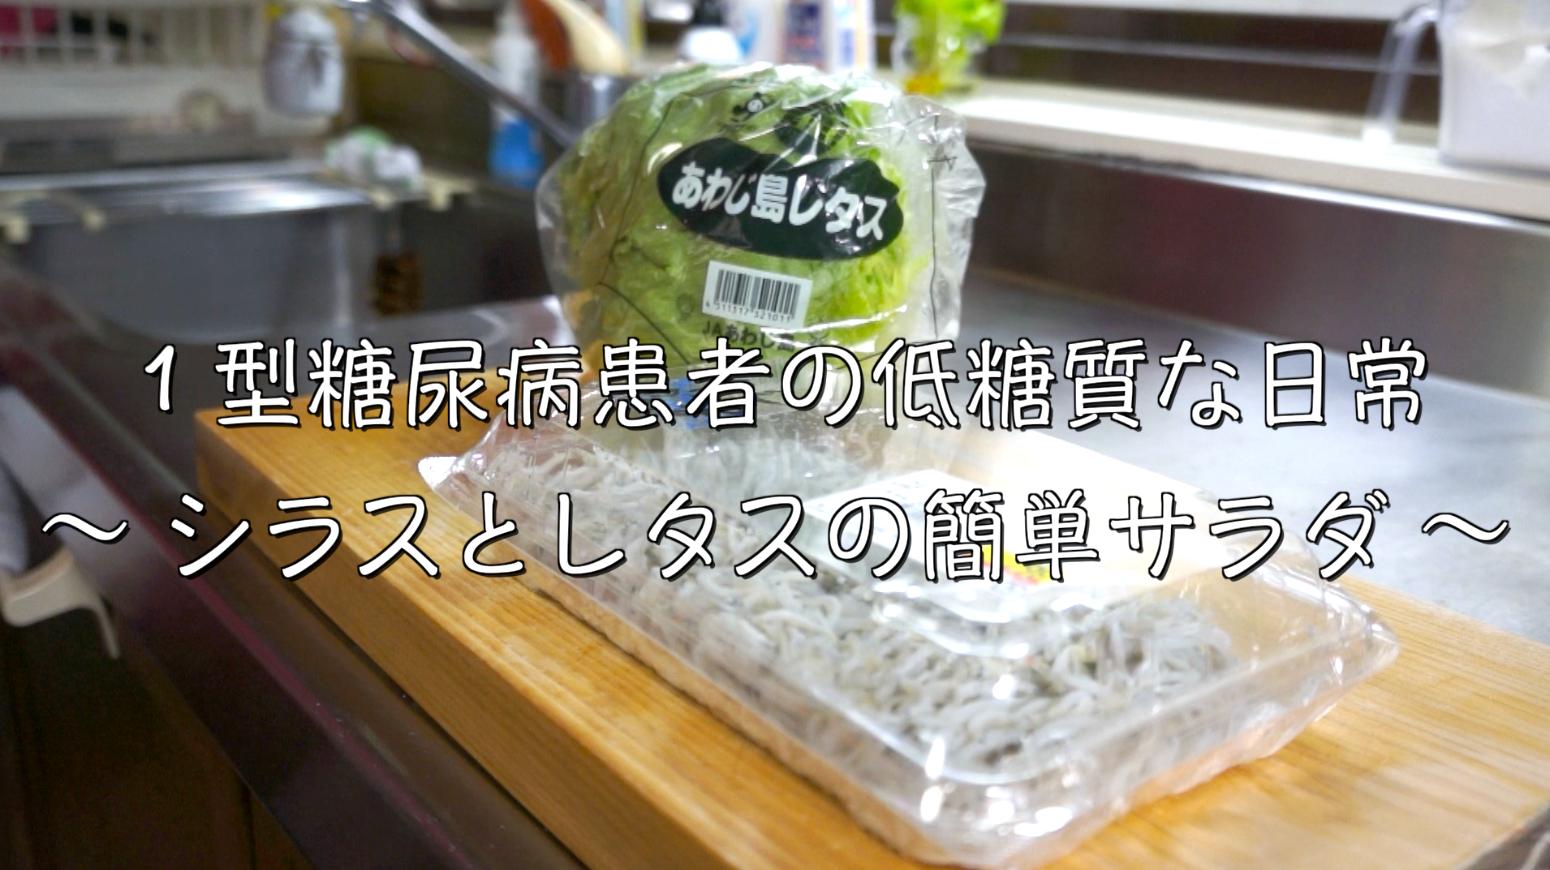 しらす レタス サラダ 糖質制限